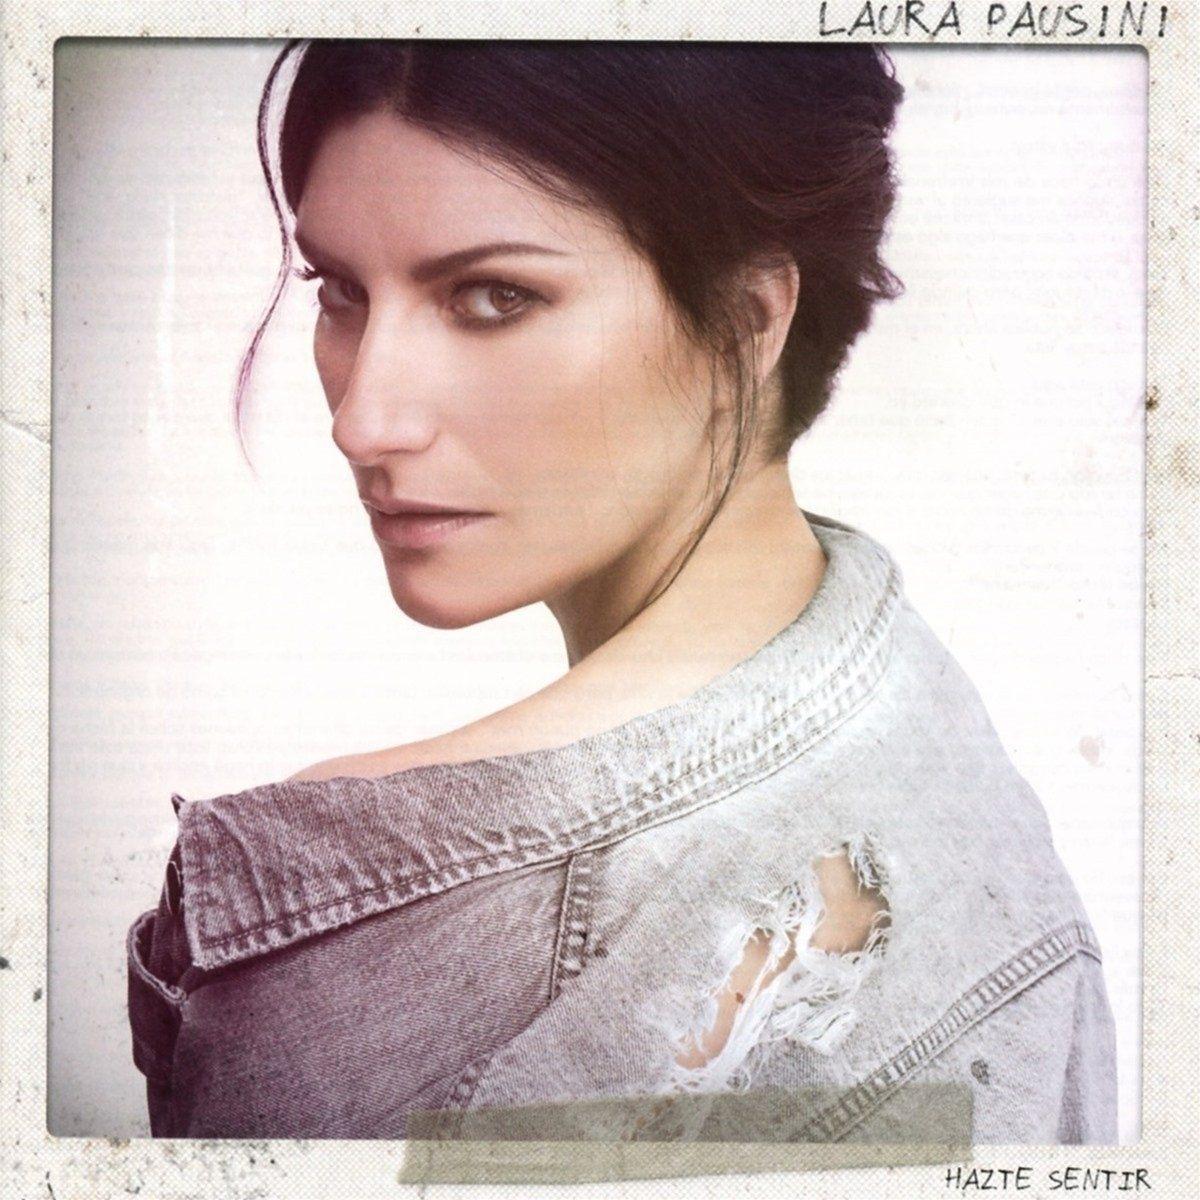 Laura Pausini - Hazte Sentir album cover